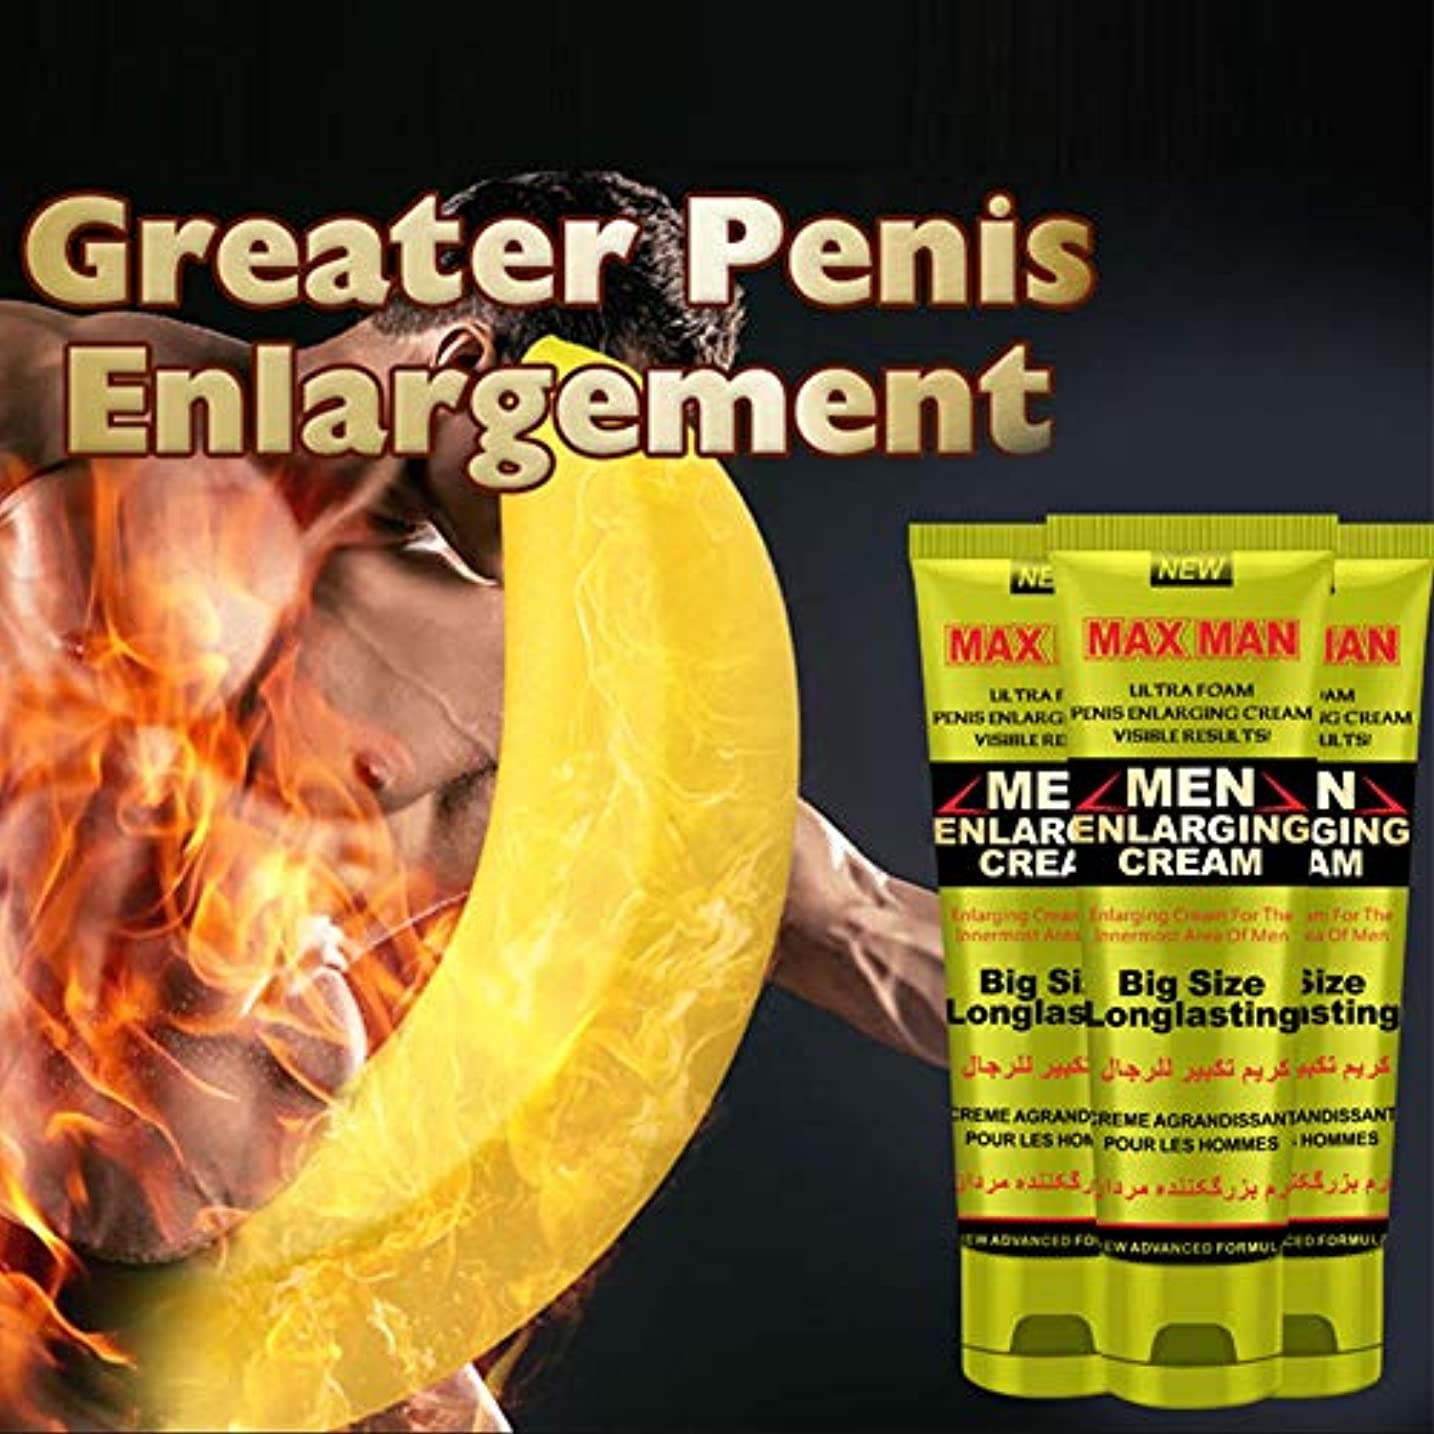 禁輸さておき凍ったLucoss 男性のマッサージクリームの陰茎はより長く、より厚い陰茎の強化のクリームの性プロダクトになります